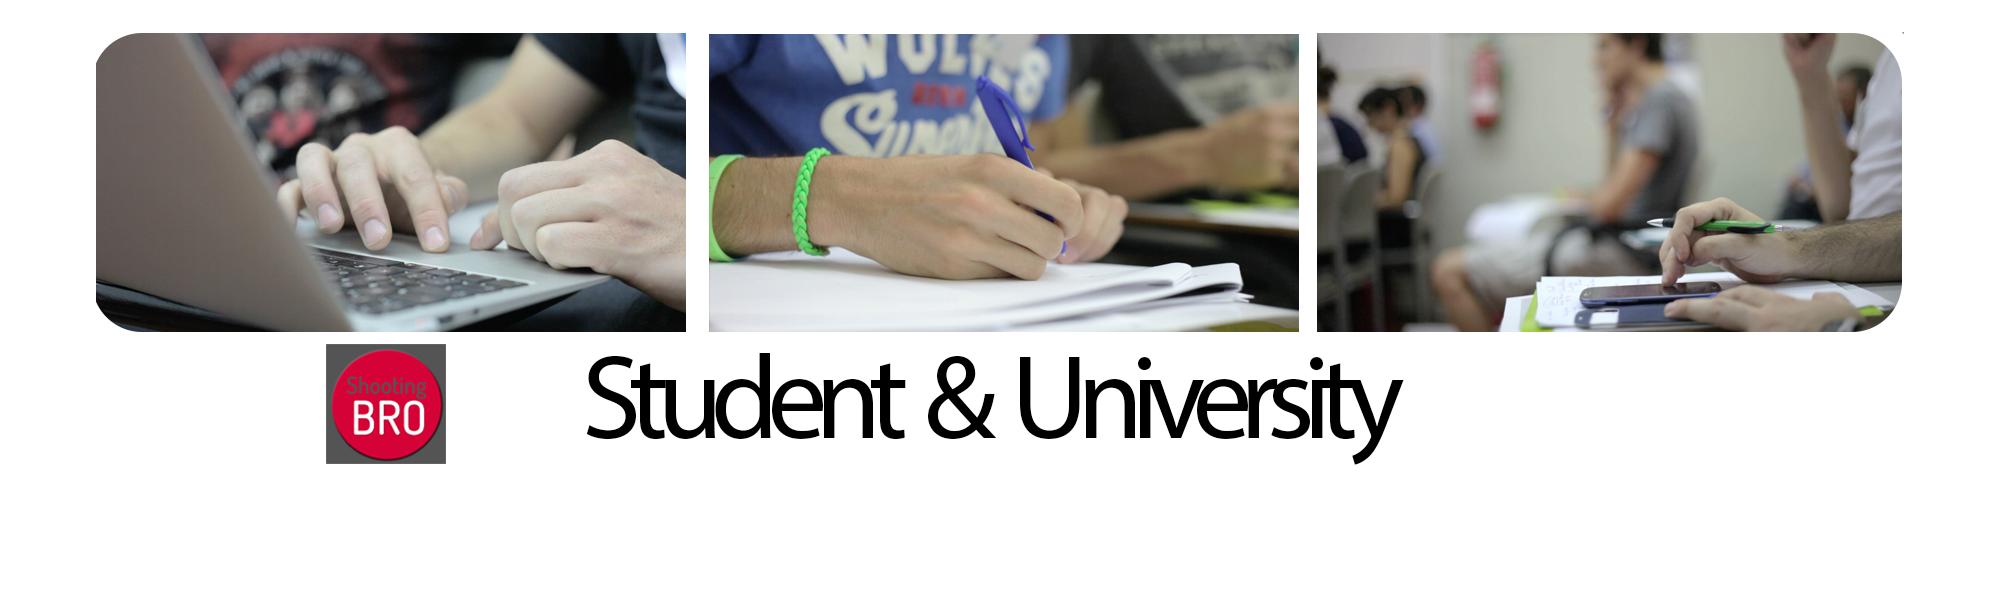 SLIDE VH STUDENT & UNIVERSITY